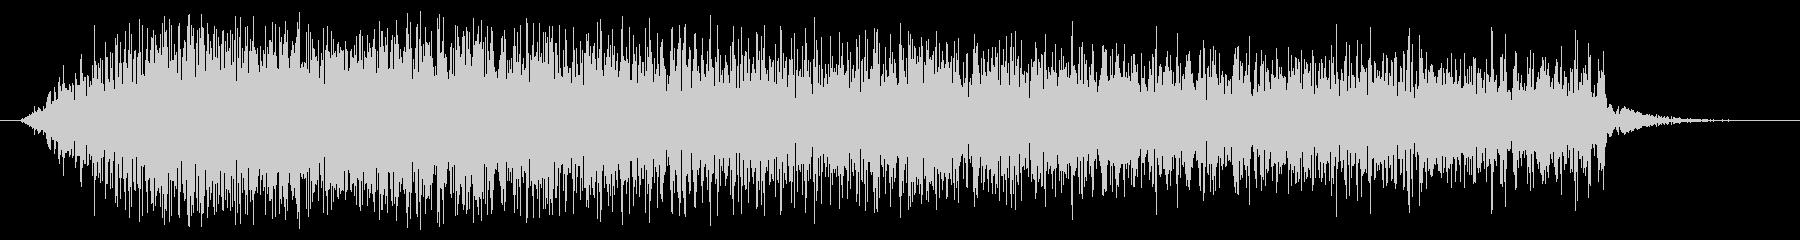 素材 グリッティスペースドロップ03の未再生の波形